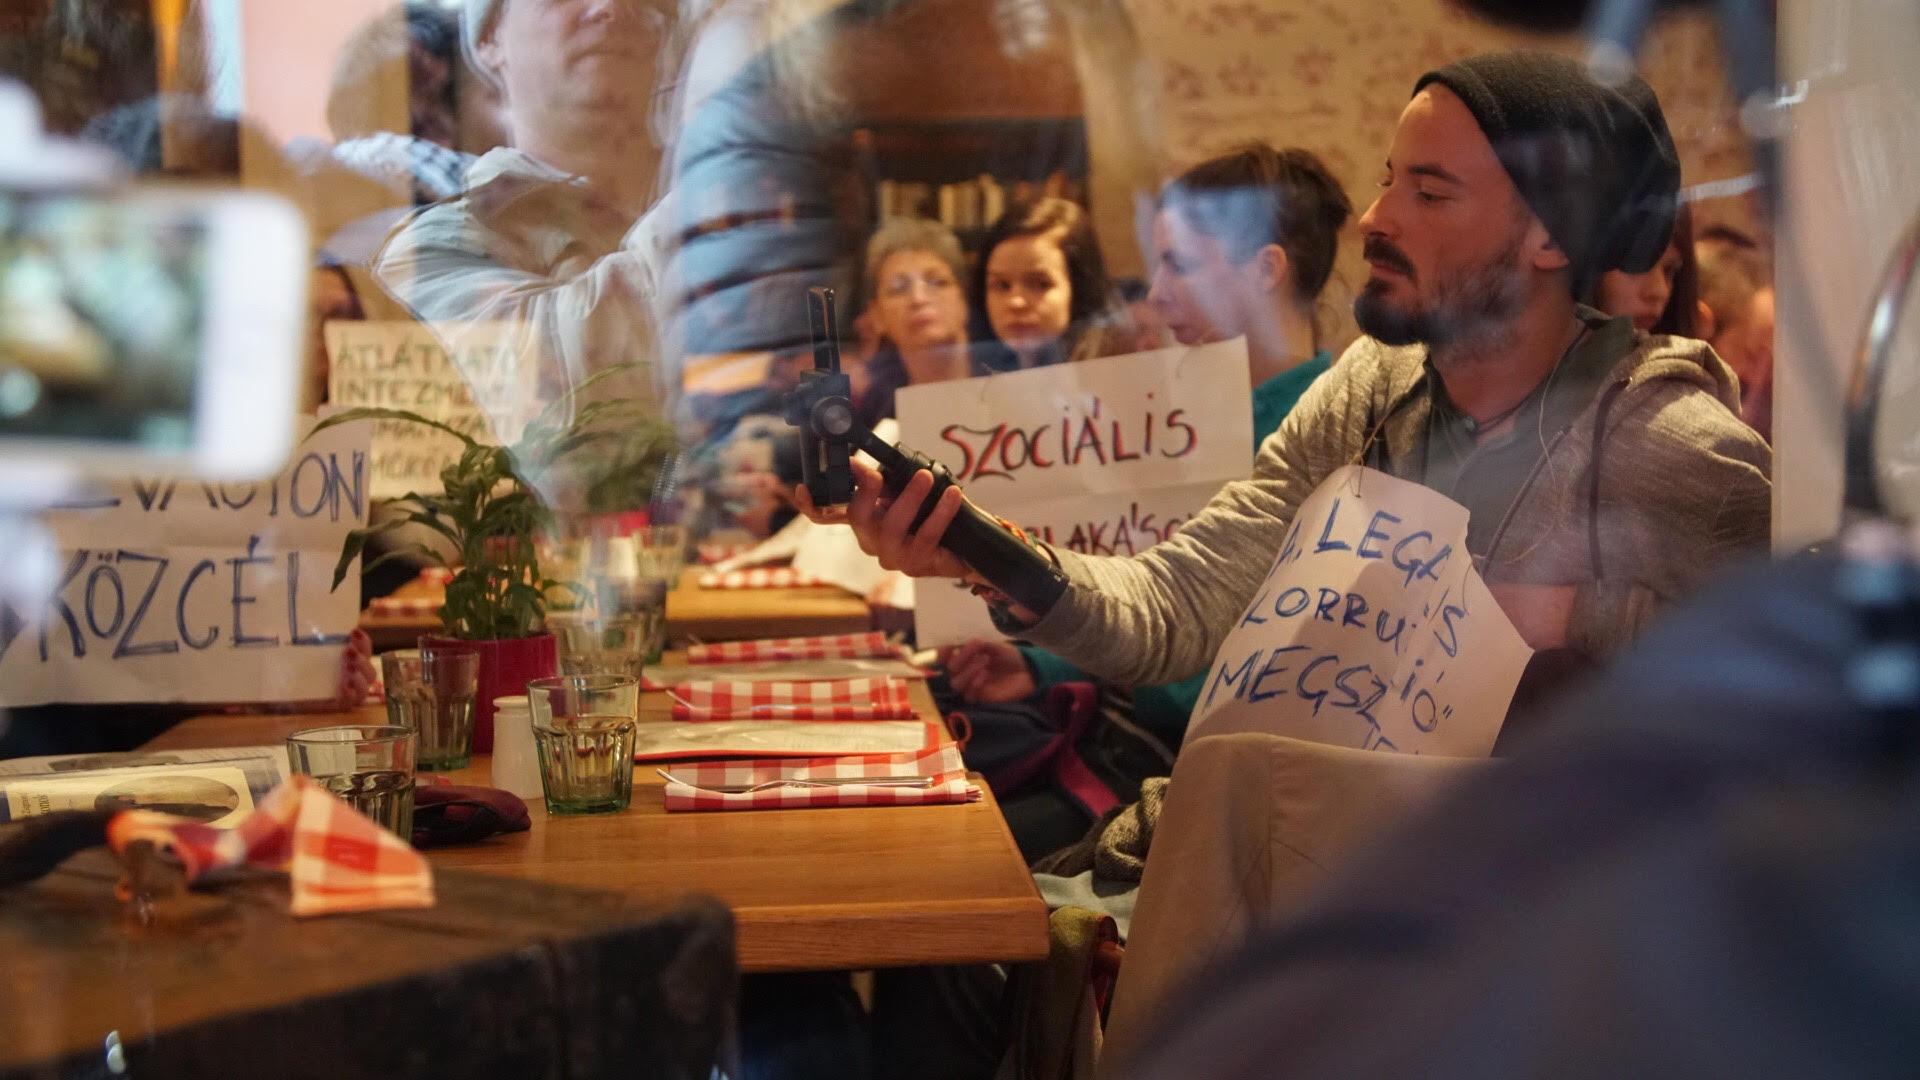 Zsidaiék rázárták az éttermüket a bent tüntető Gulyás Mártonékra